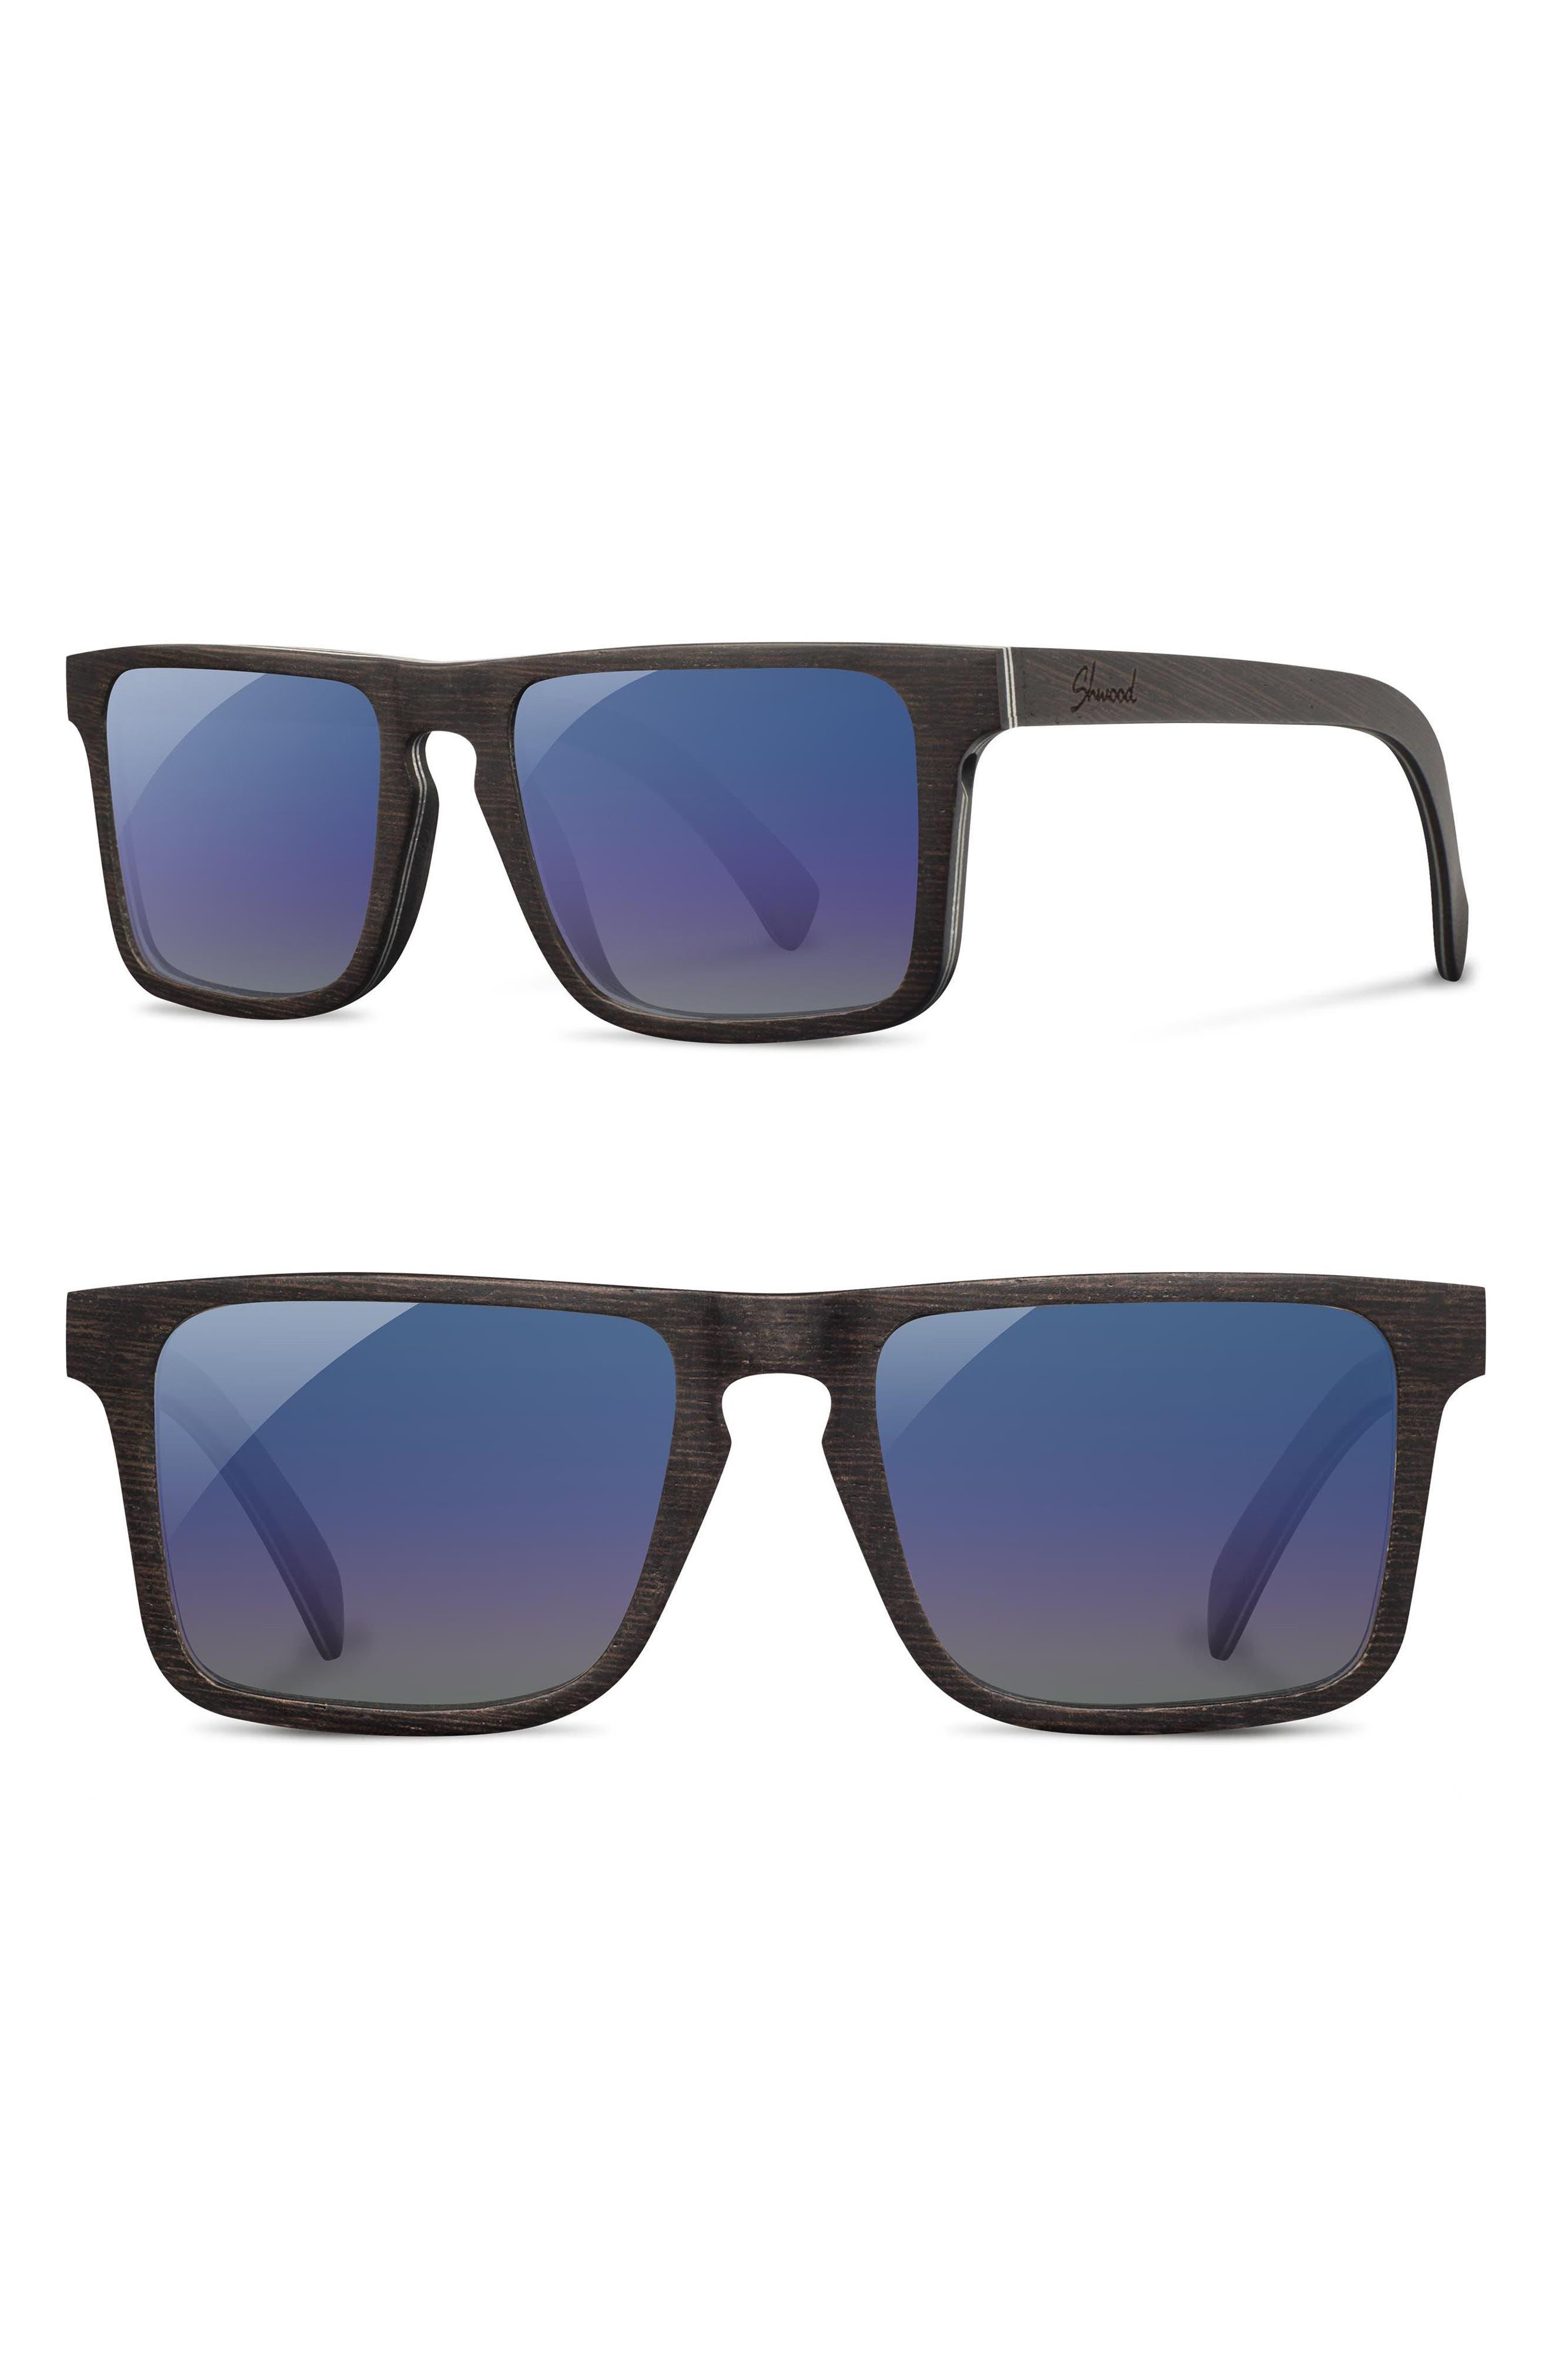 Alternate Image 1 Selected - Shwood Govy 2 53mm Polarized Wood Sunglasses